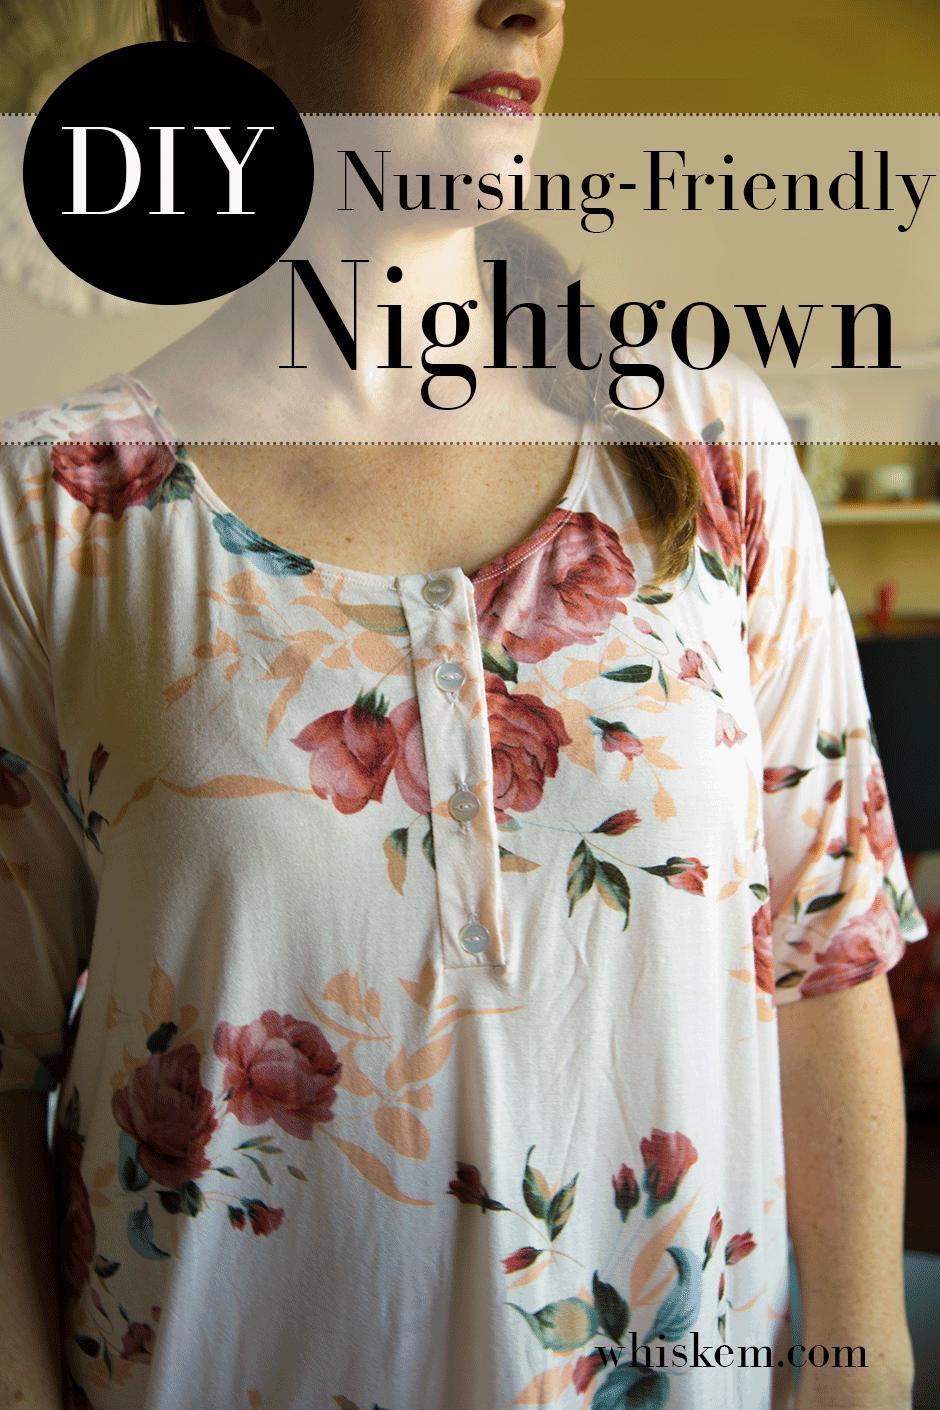 Nursing friendly nightgown